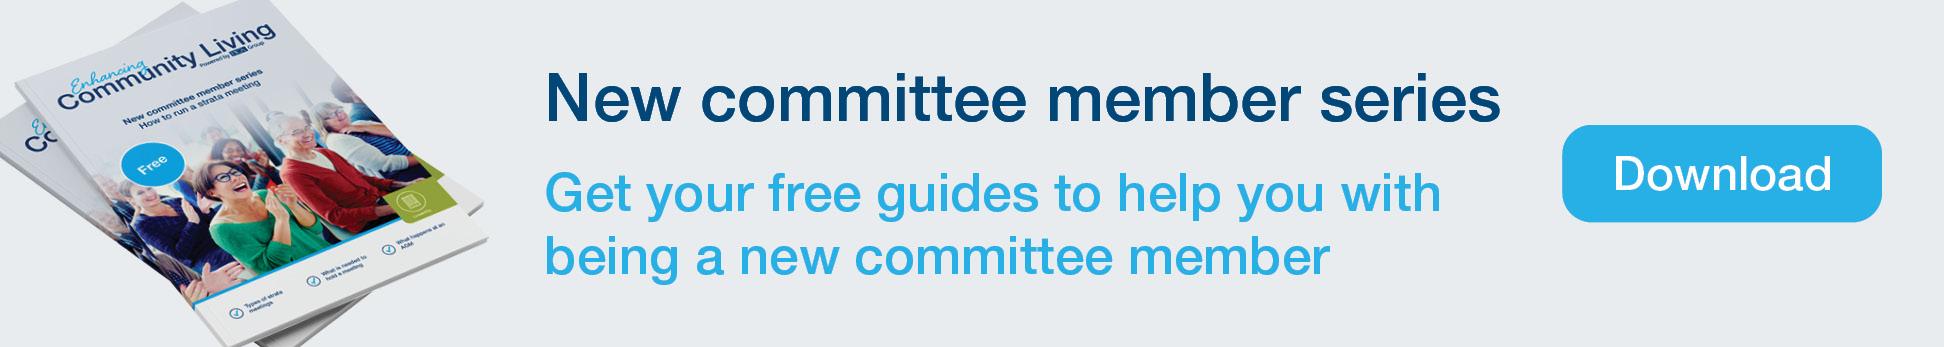 New committee member series